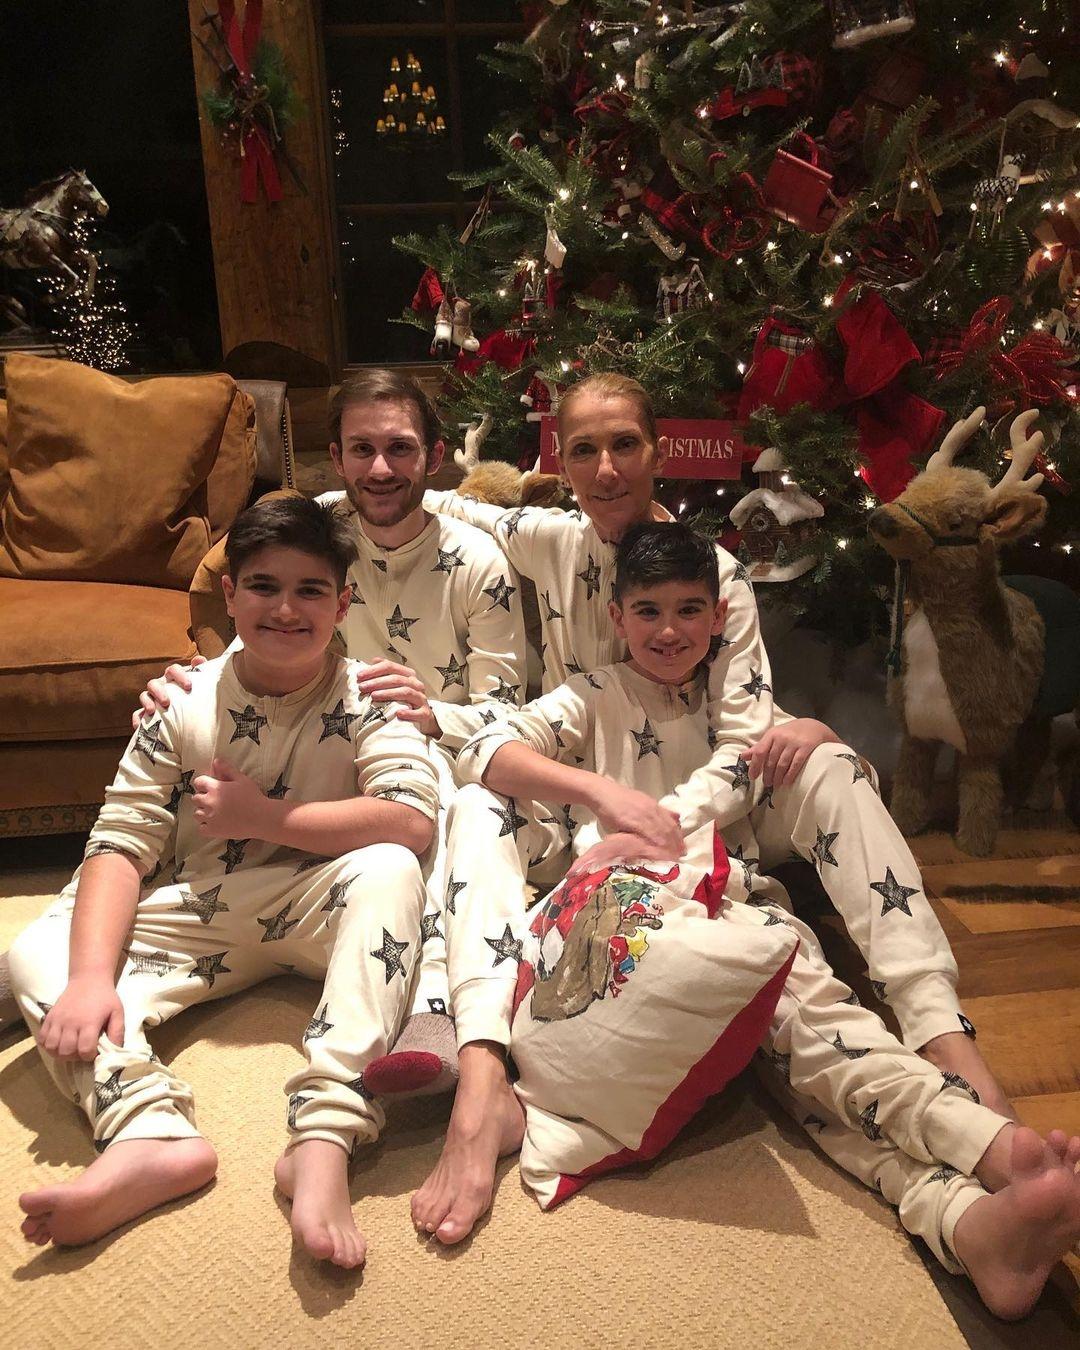 Селин Дион показала редкое фото с тремя подросшими сыновьями и поздравила с рождественскими праздниками (ФОТО) - фото №1